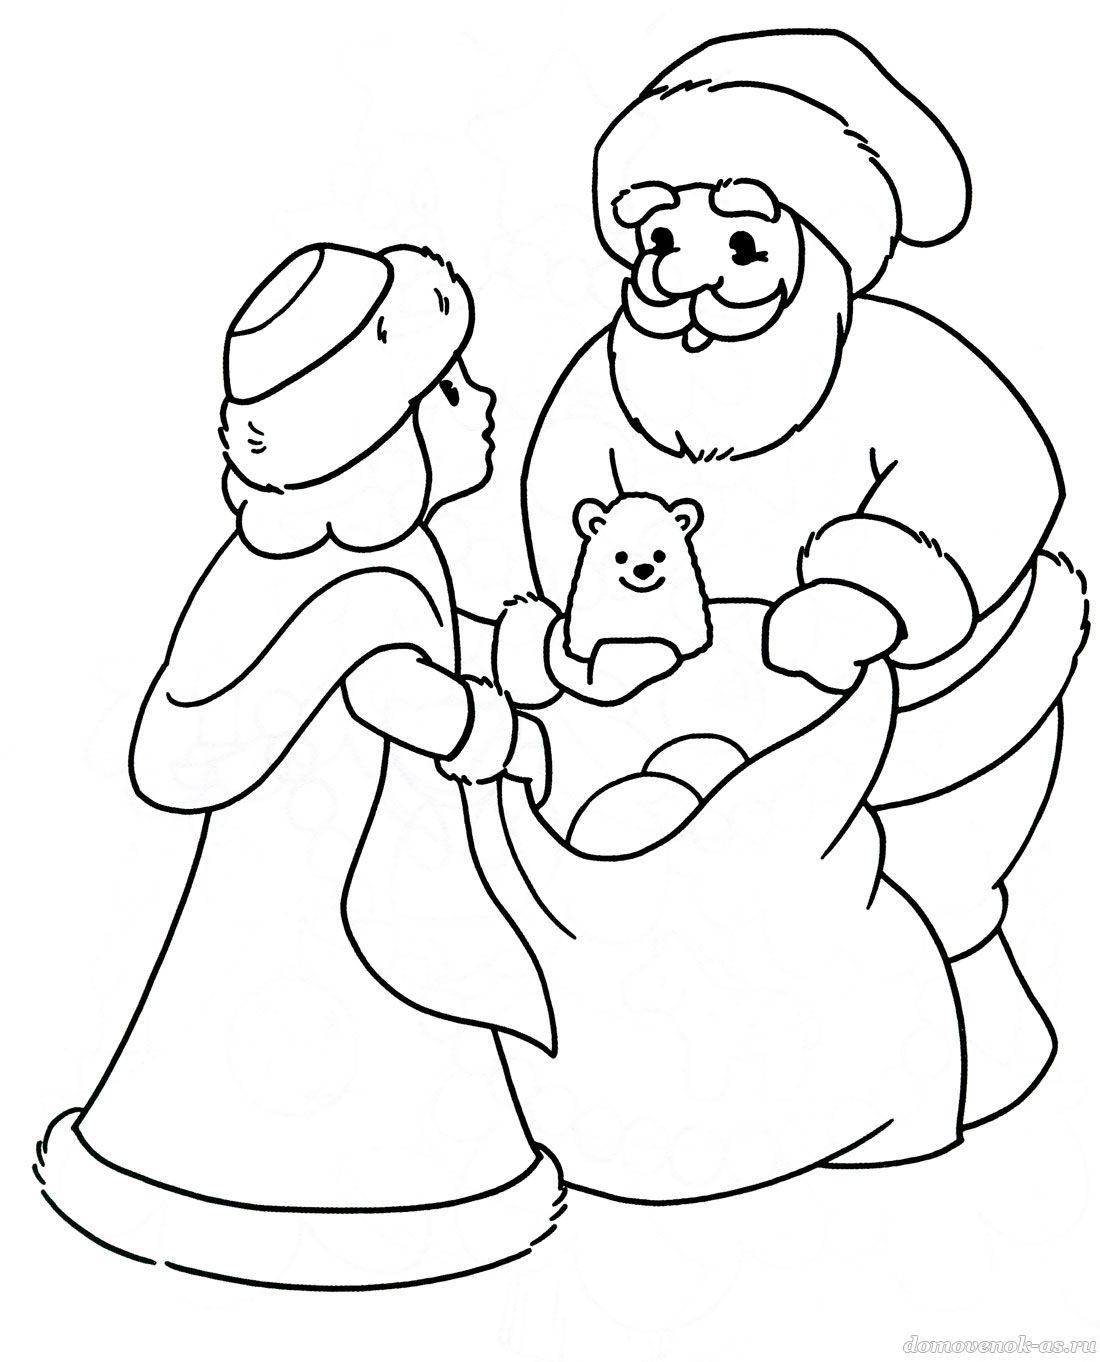 Днем, новогодние картинки для рисования с детьми